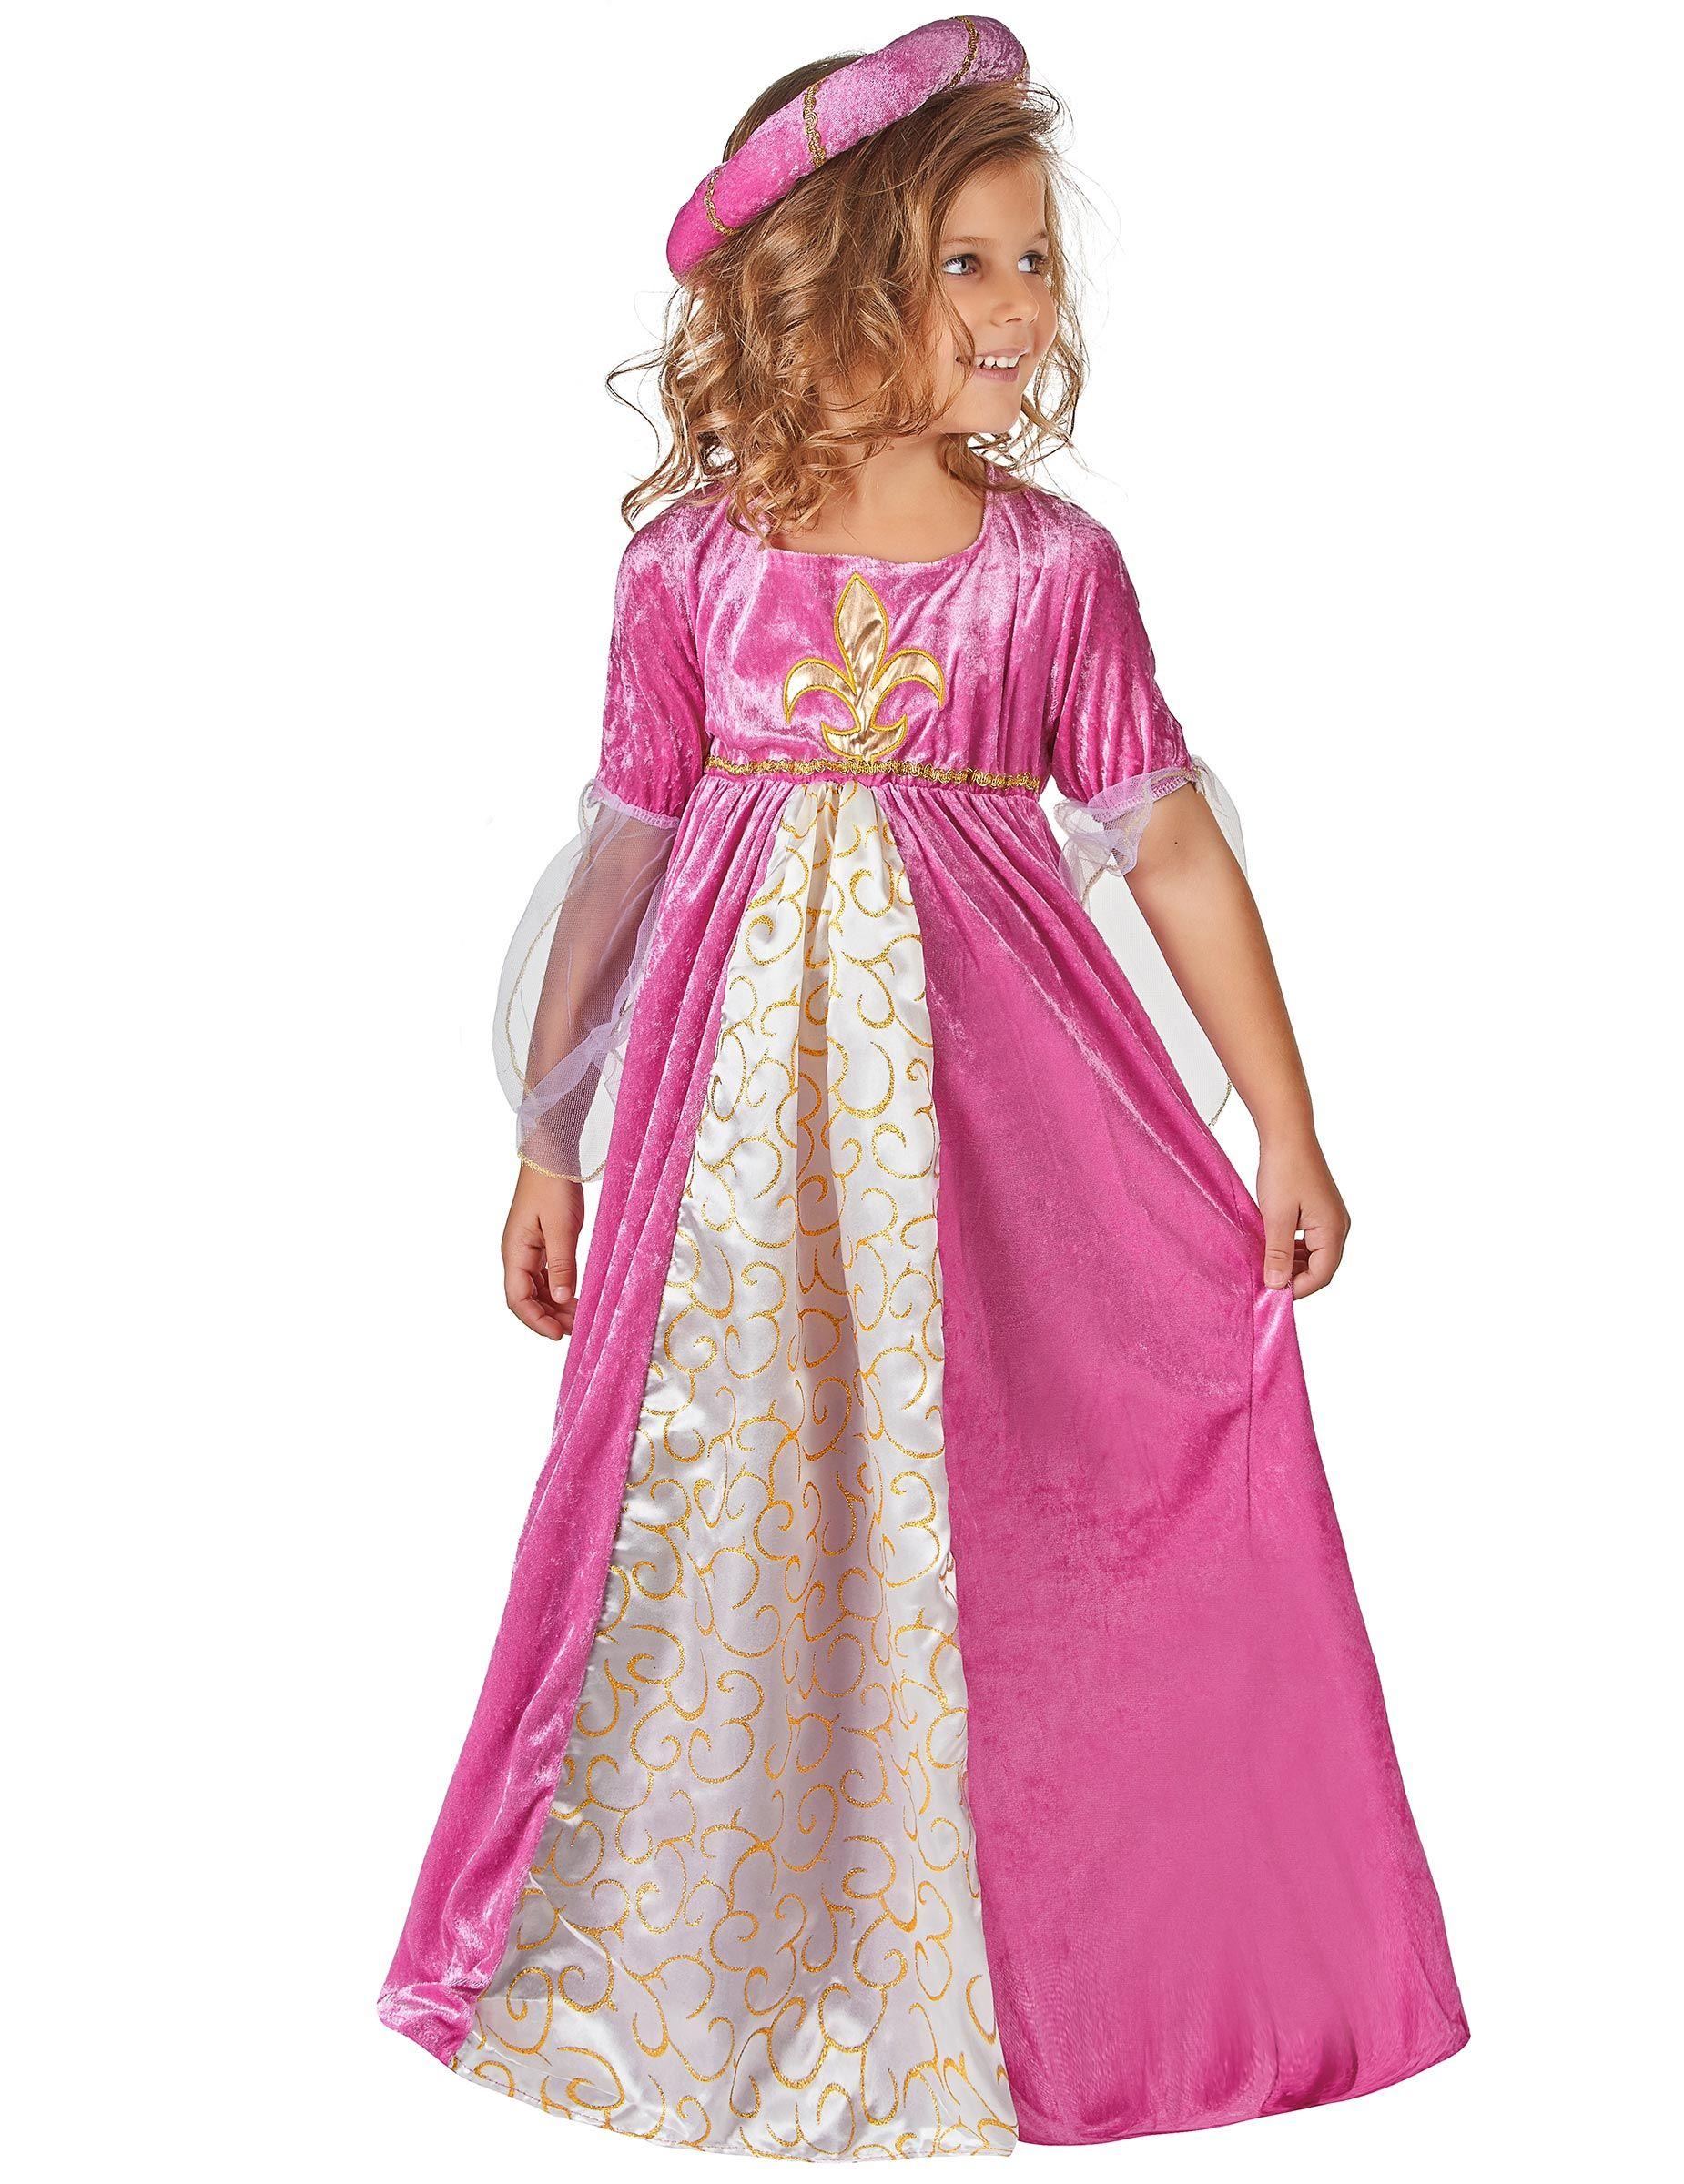 71623d3cd09 Déguisement princesse médiévale fille   Ce déguisement de princesse  médiévale pour fille se compose d